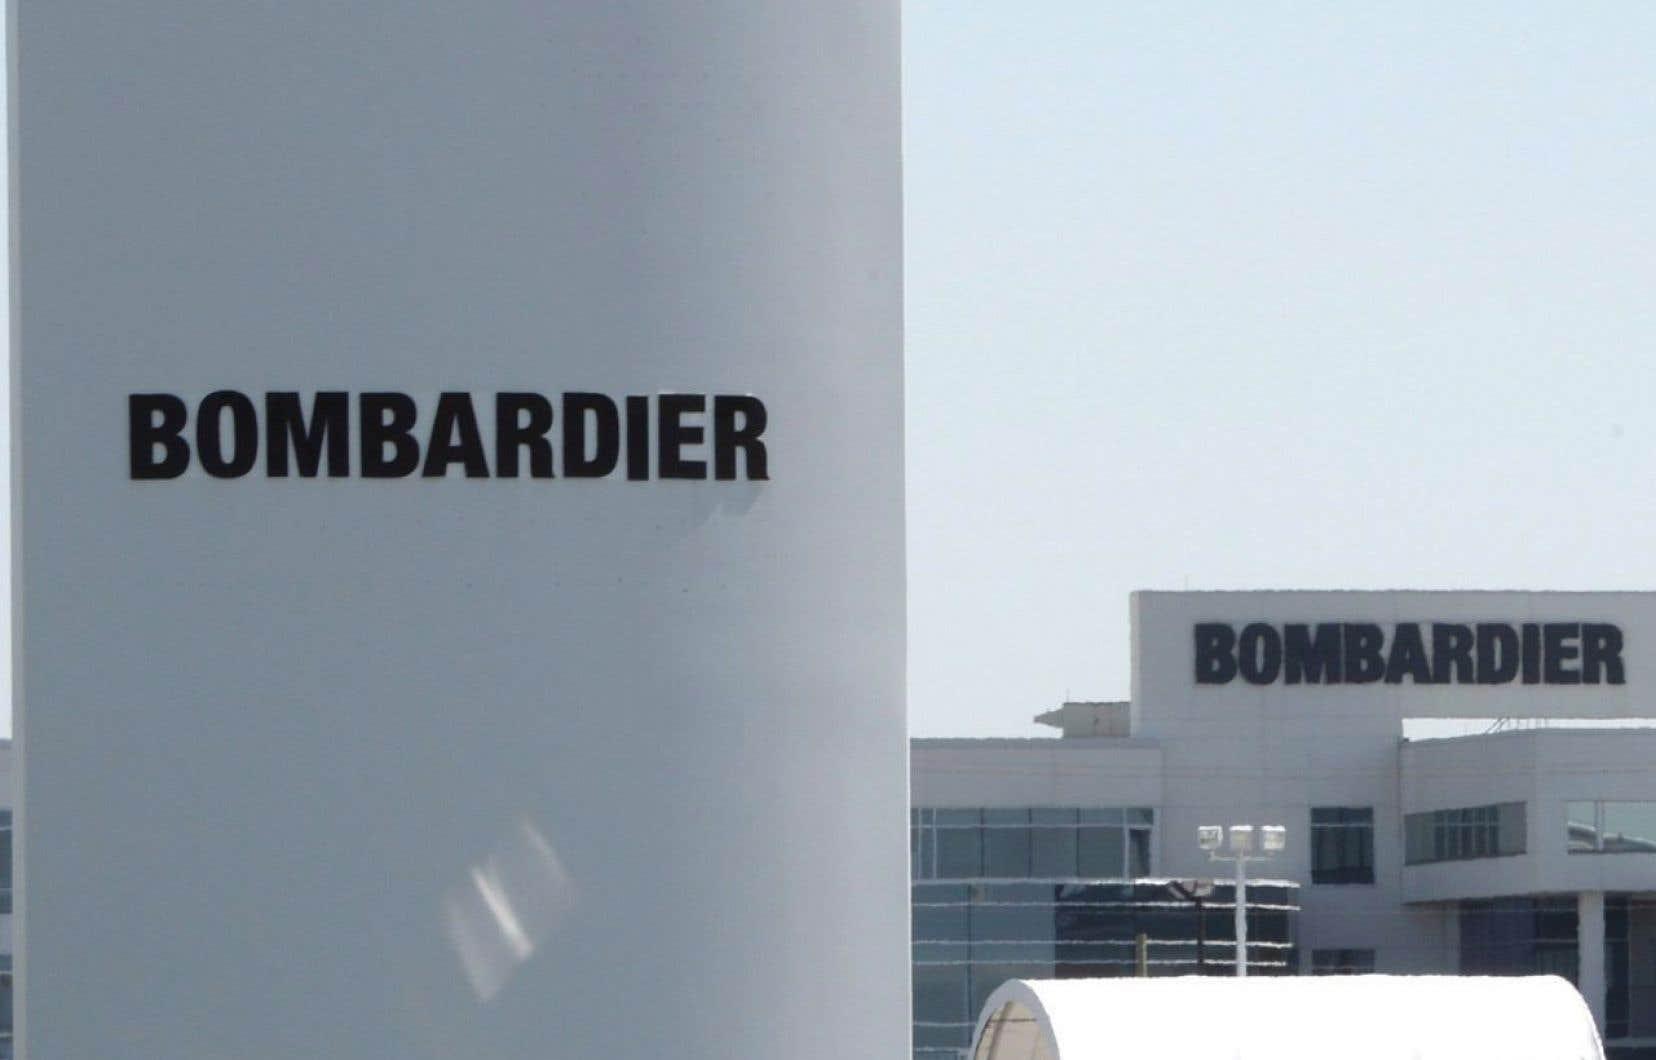 Selon Bombardier, Mitsubishi Aircraft et AeroTEC auraient recruté pas moins de 92 de ses anciens employés au Québec ainsi qu'aux États-Unis.